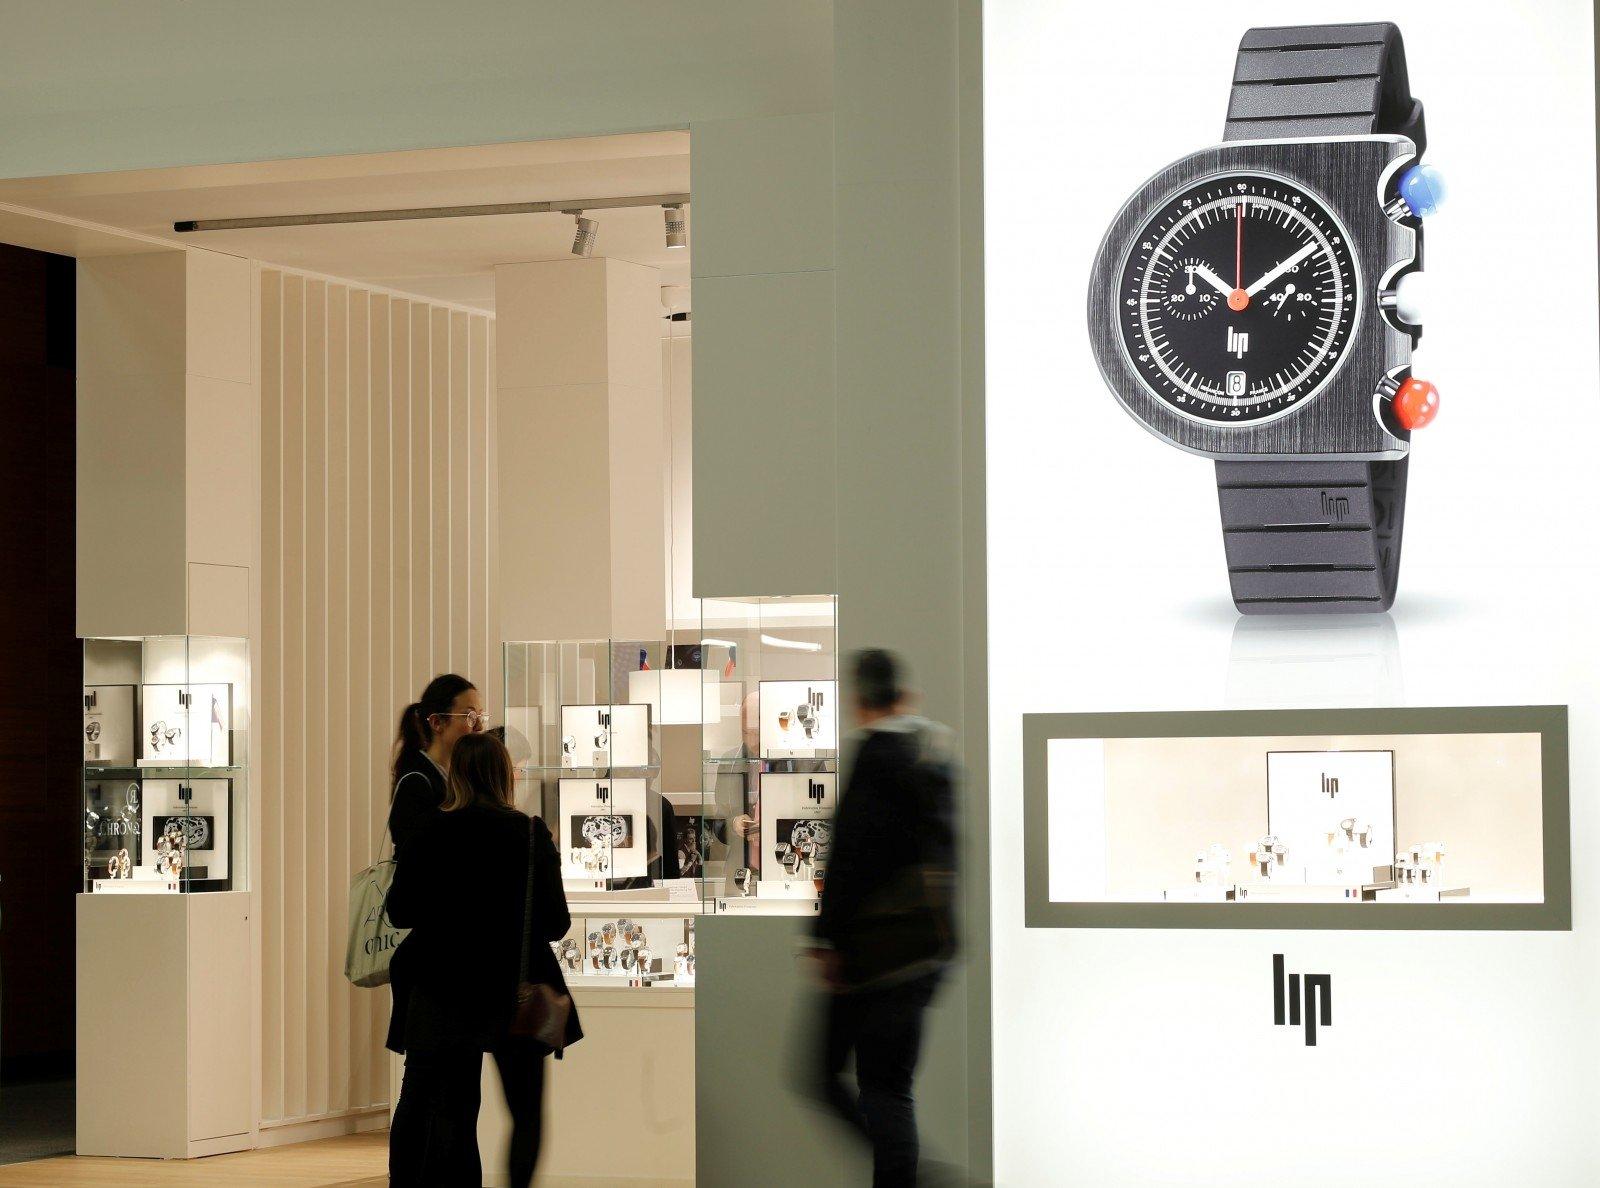 vaizdo irasas, skirtas padidinti nario laikrodi Kokie prezervatyvai reikalingi 16 d dydziui